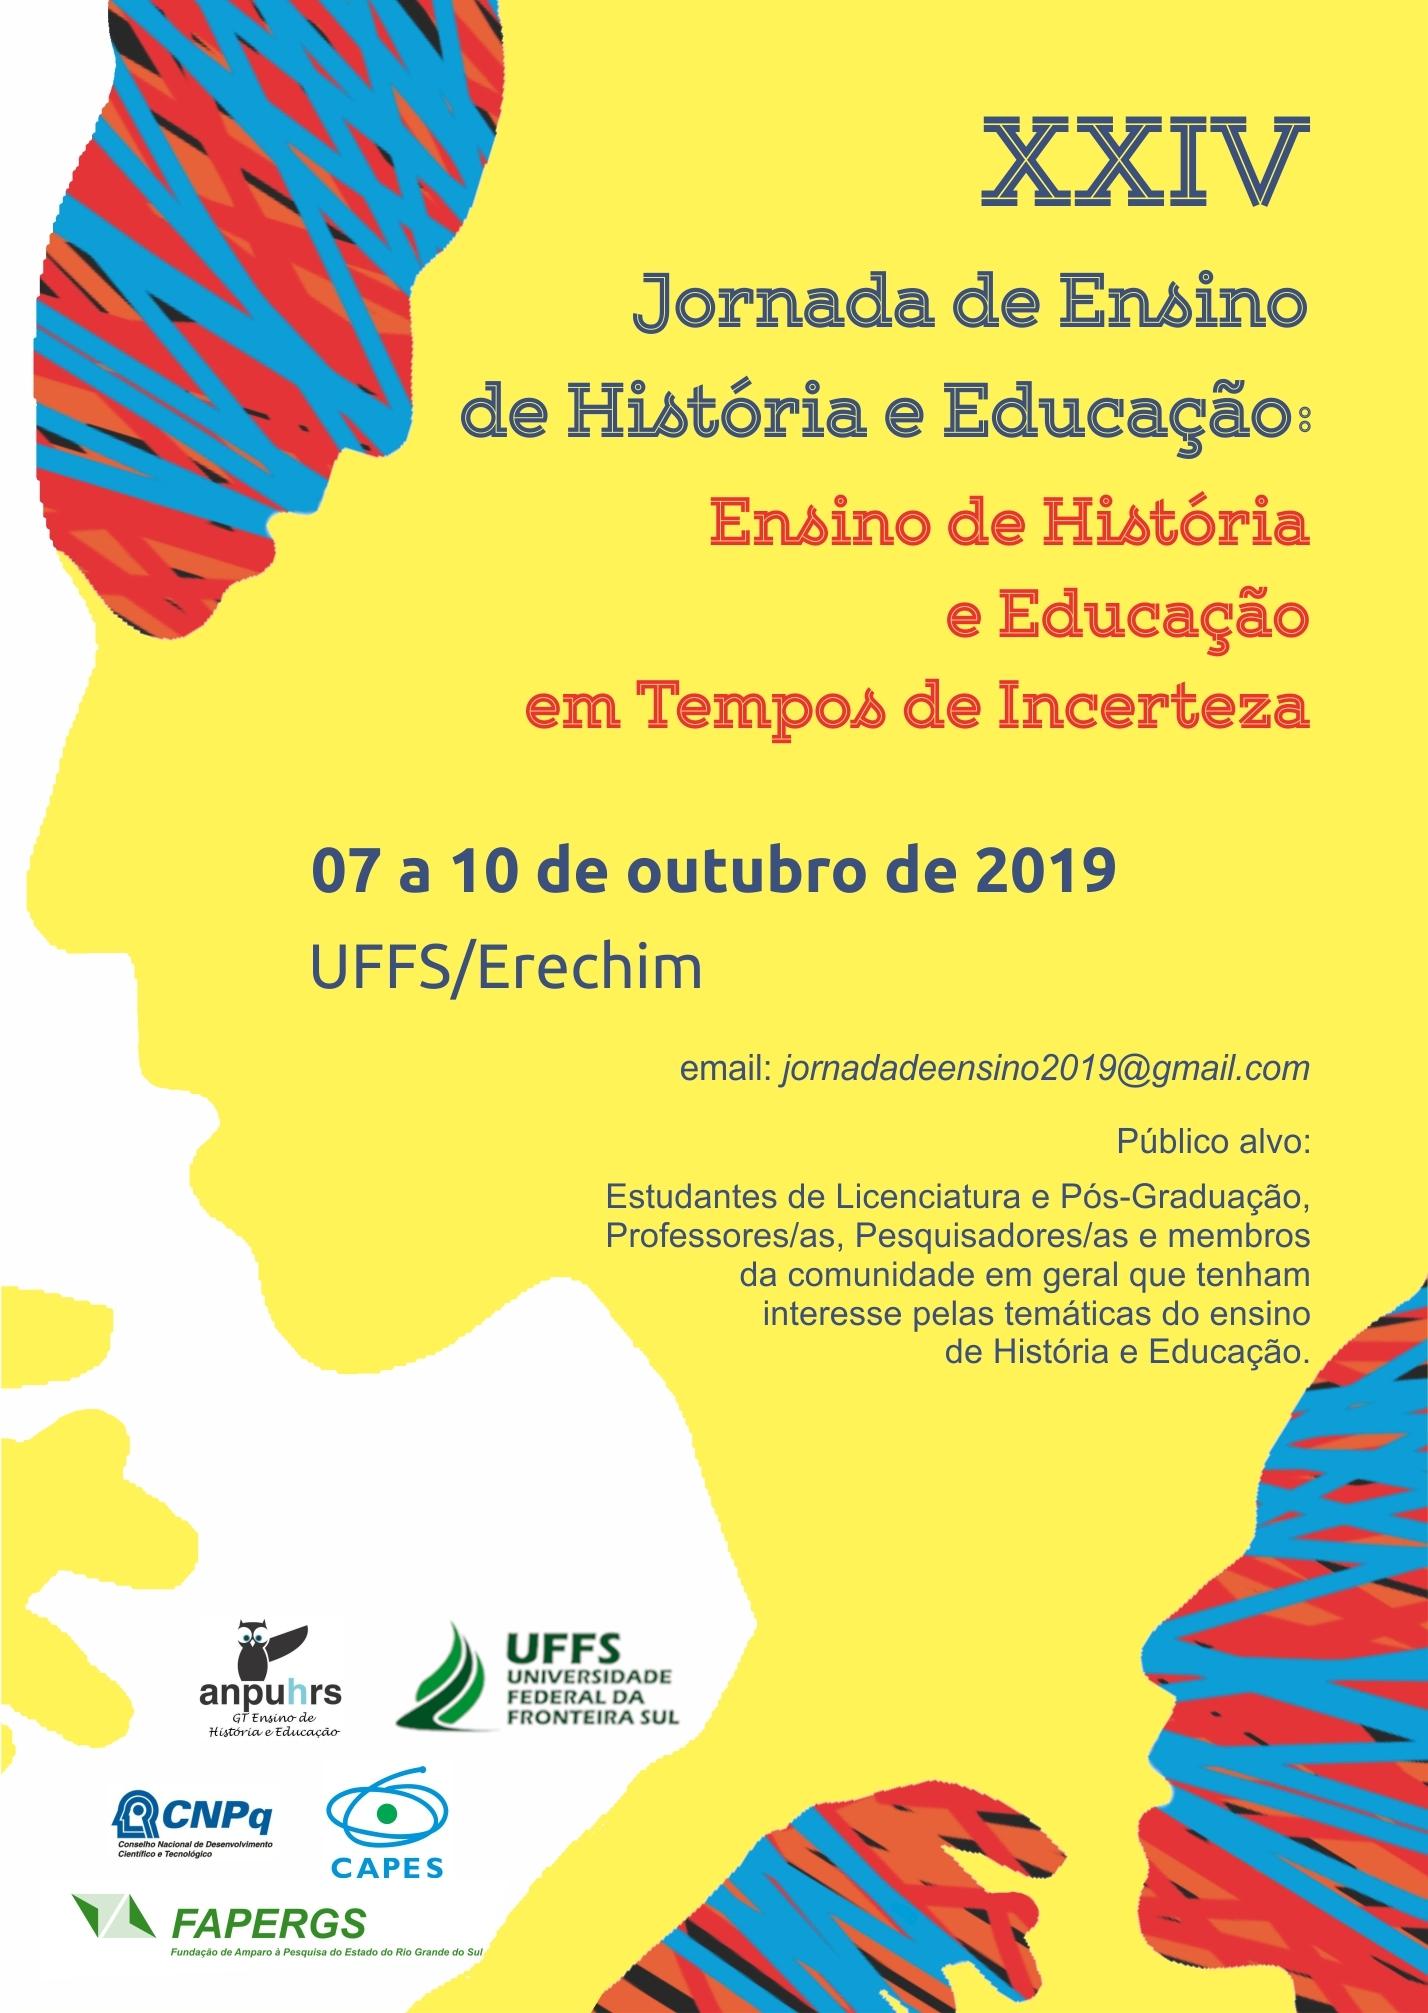 XXIV Jornada de Ensino de História e Educação: ensino de História e Educação em tempos de incerteza.